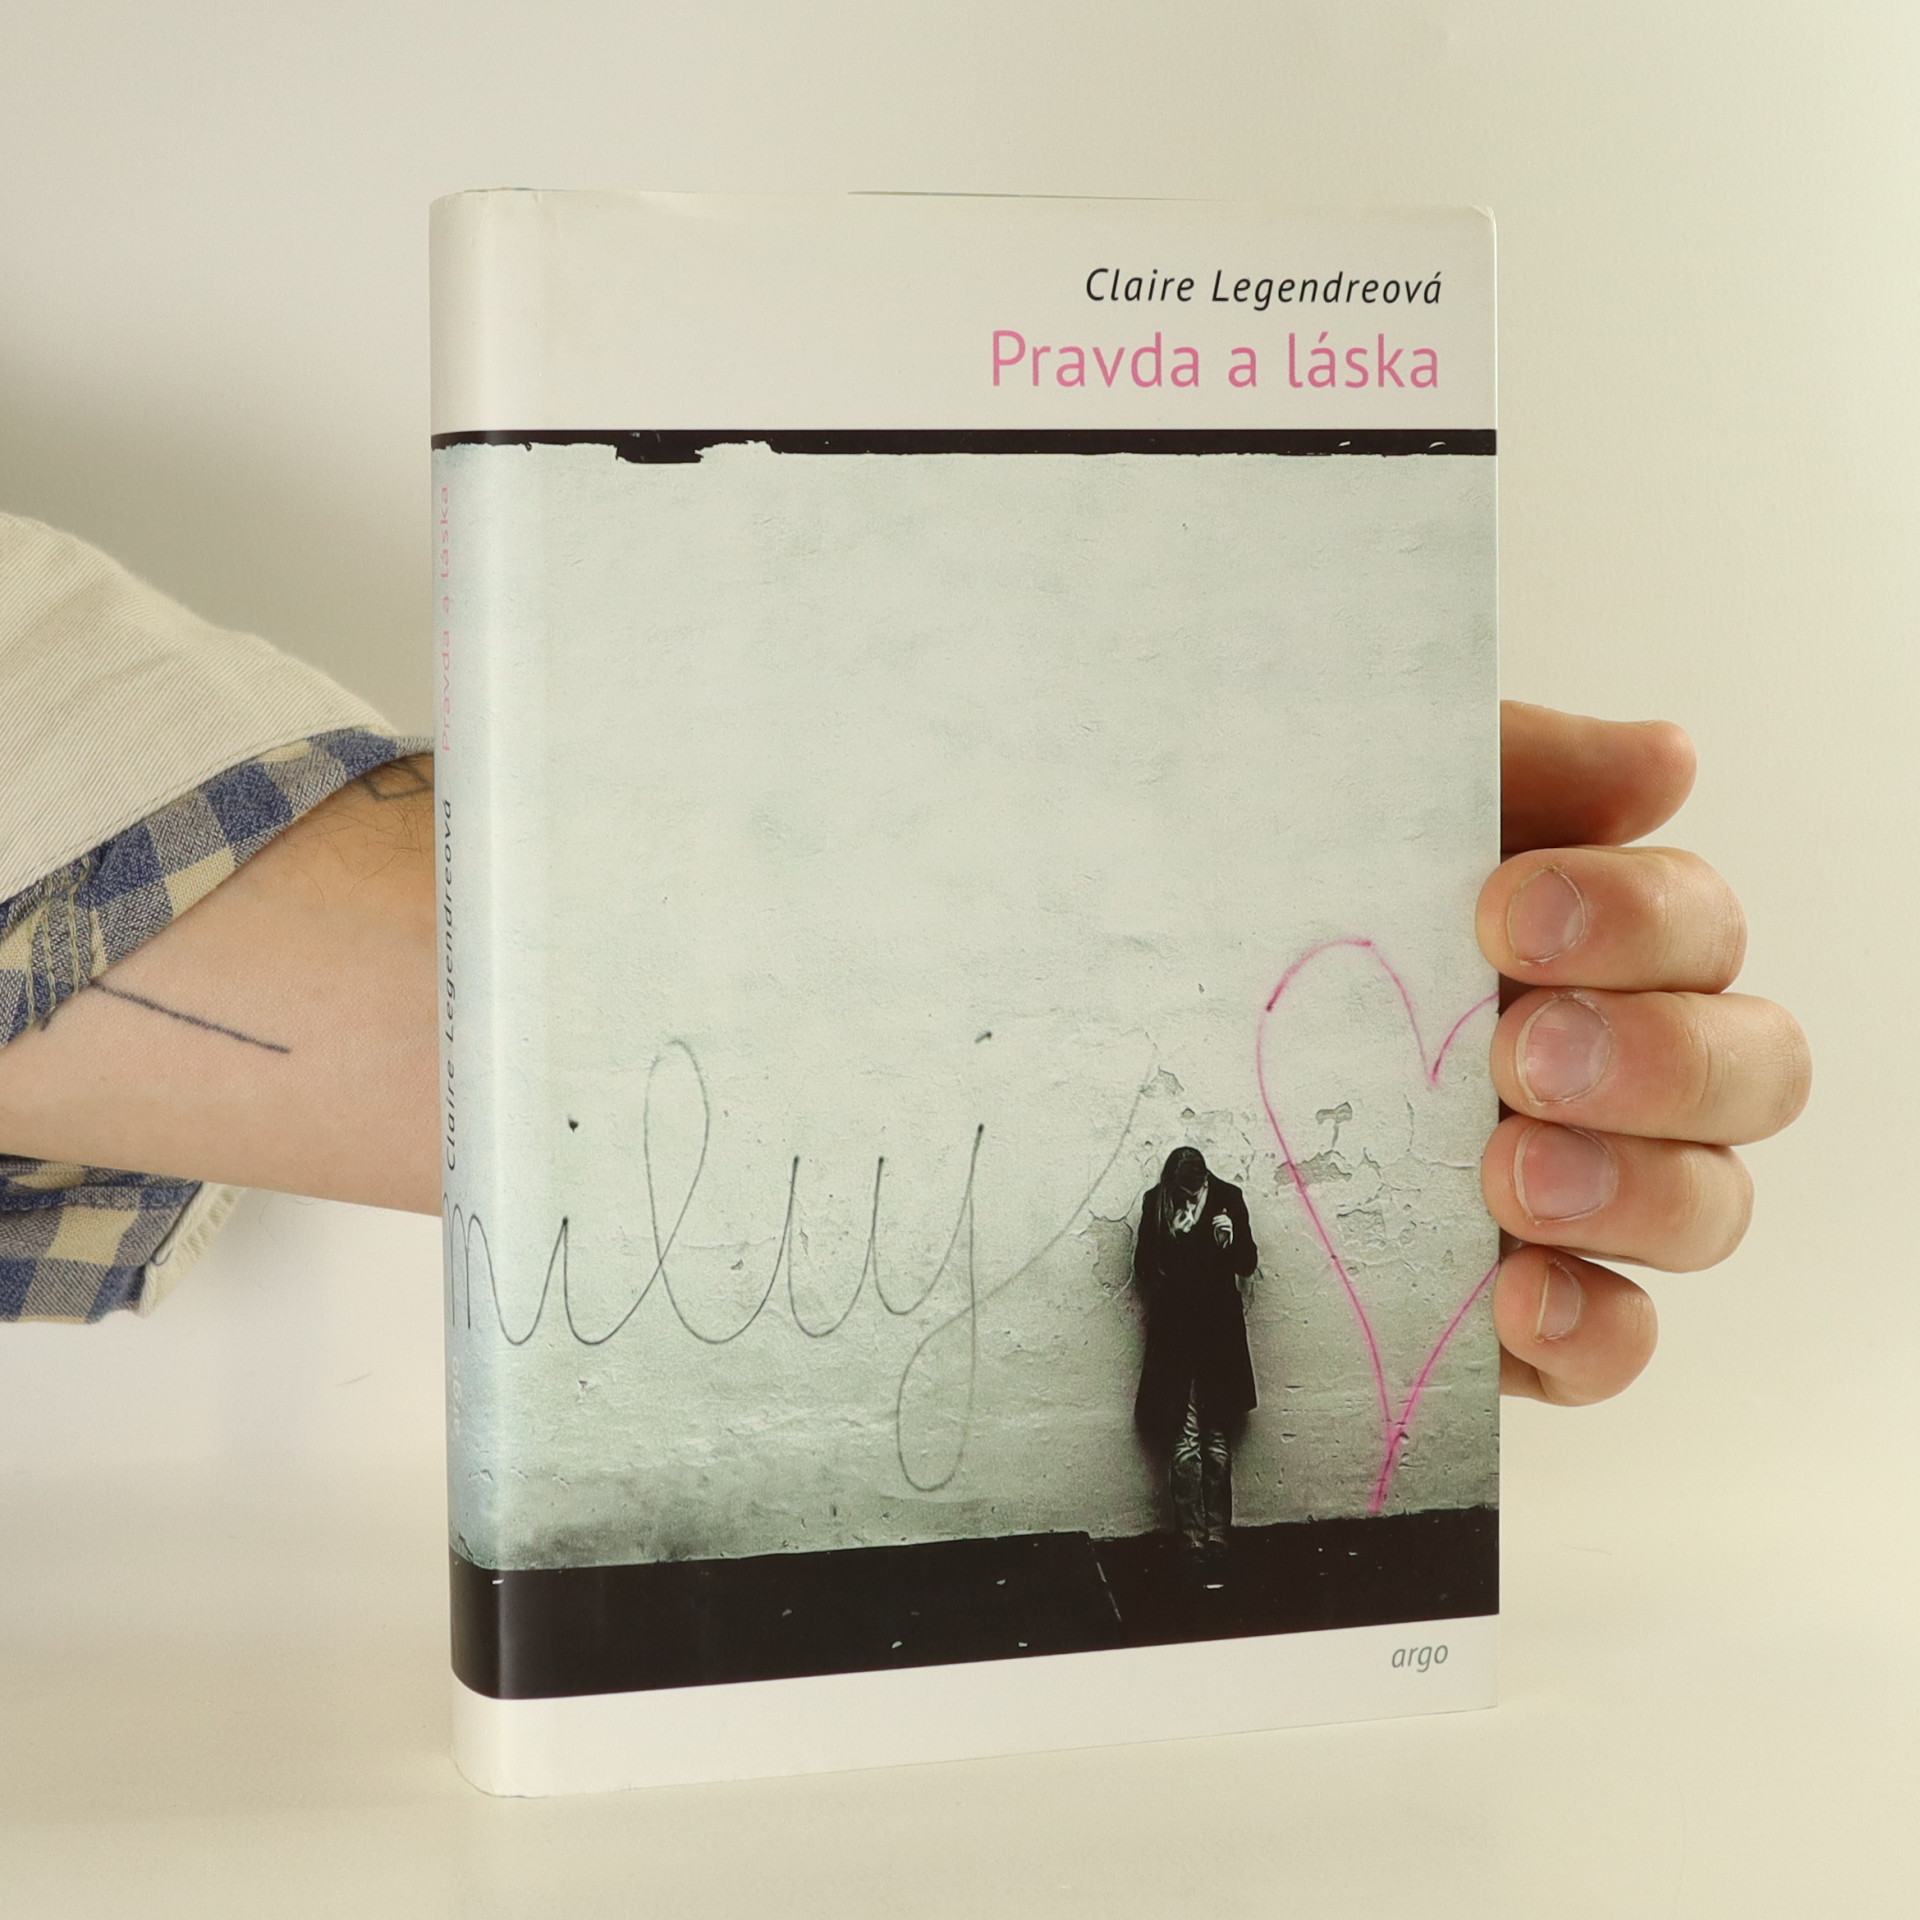 antikvární kniha Pravda a láska, 2014